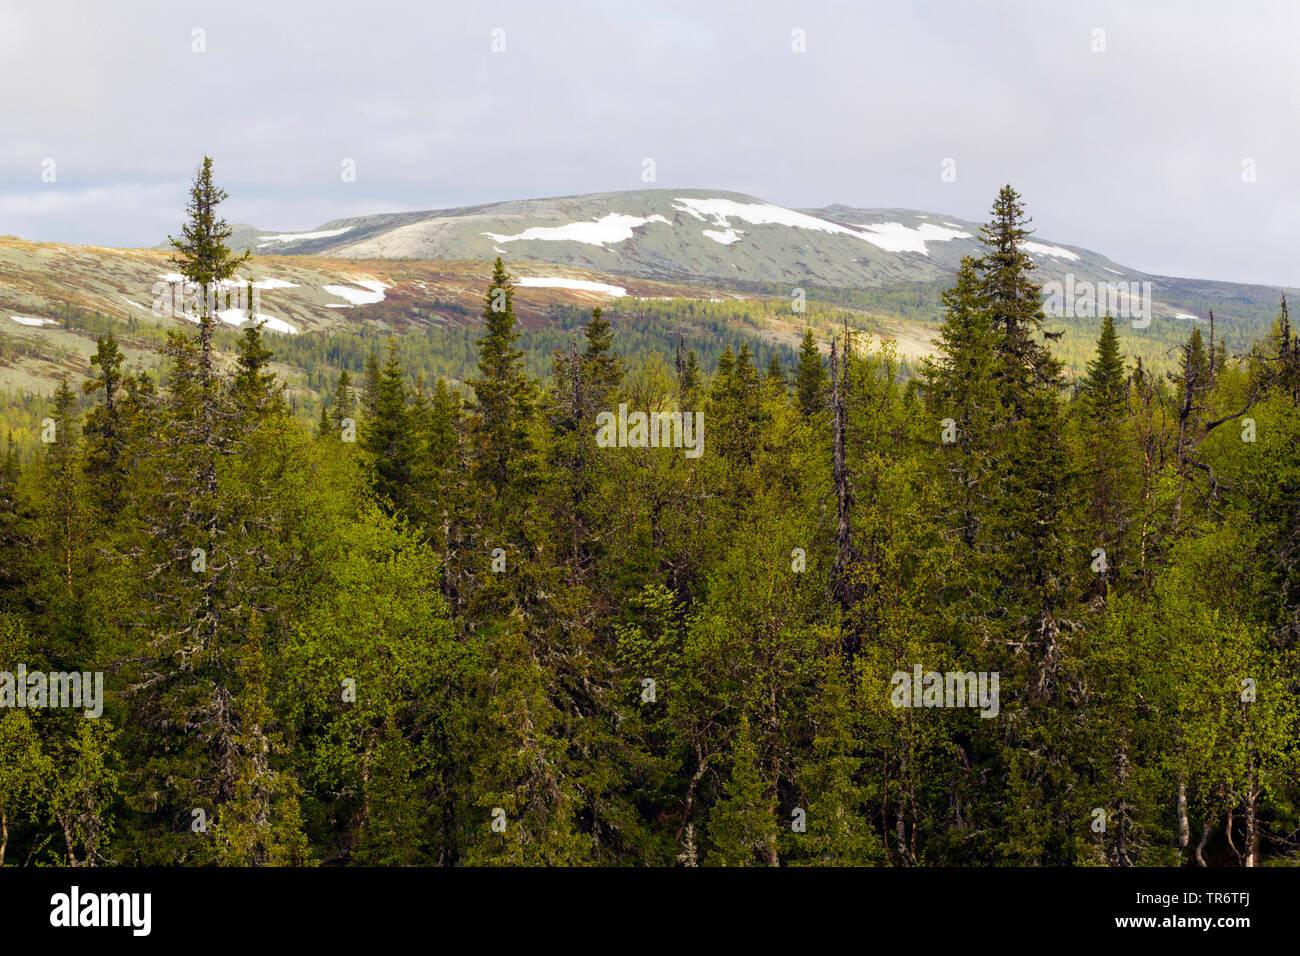 Gemeine Fichte, Gewoehnliche Fichte (Picea abies), Fichtenwald bei Pine Severo-oeralsk, Russland   Norway spruce (Picea abies), Pine Forest near Sever - Stock Image